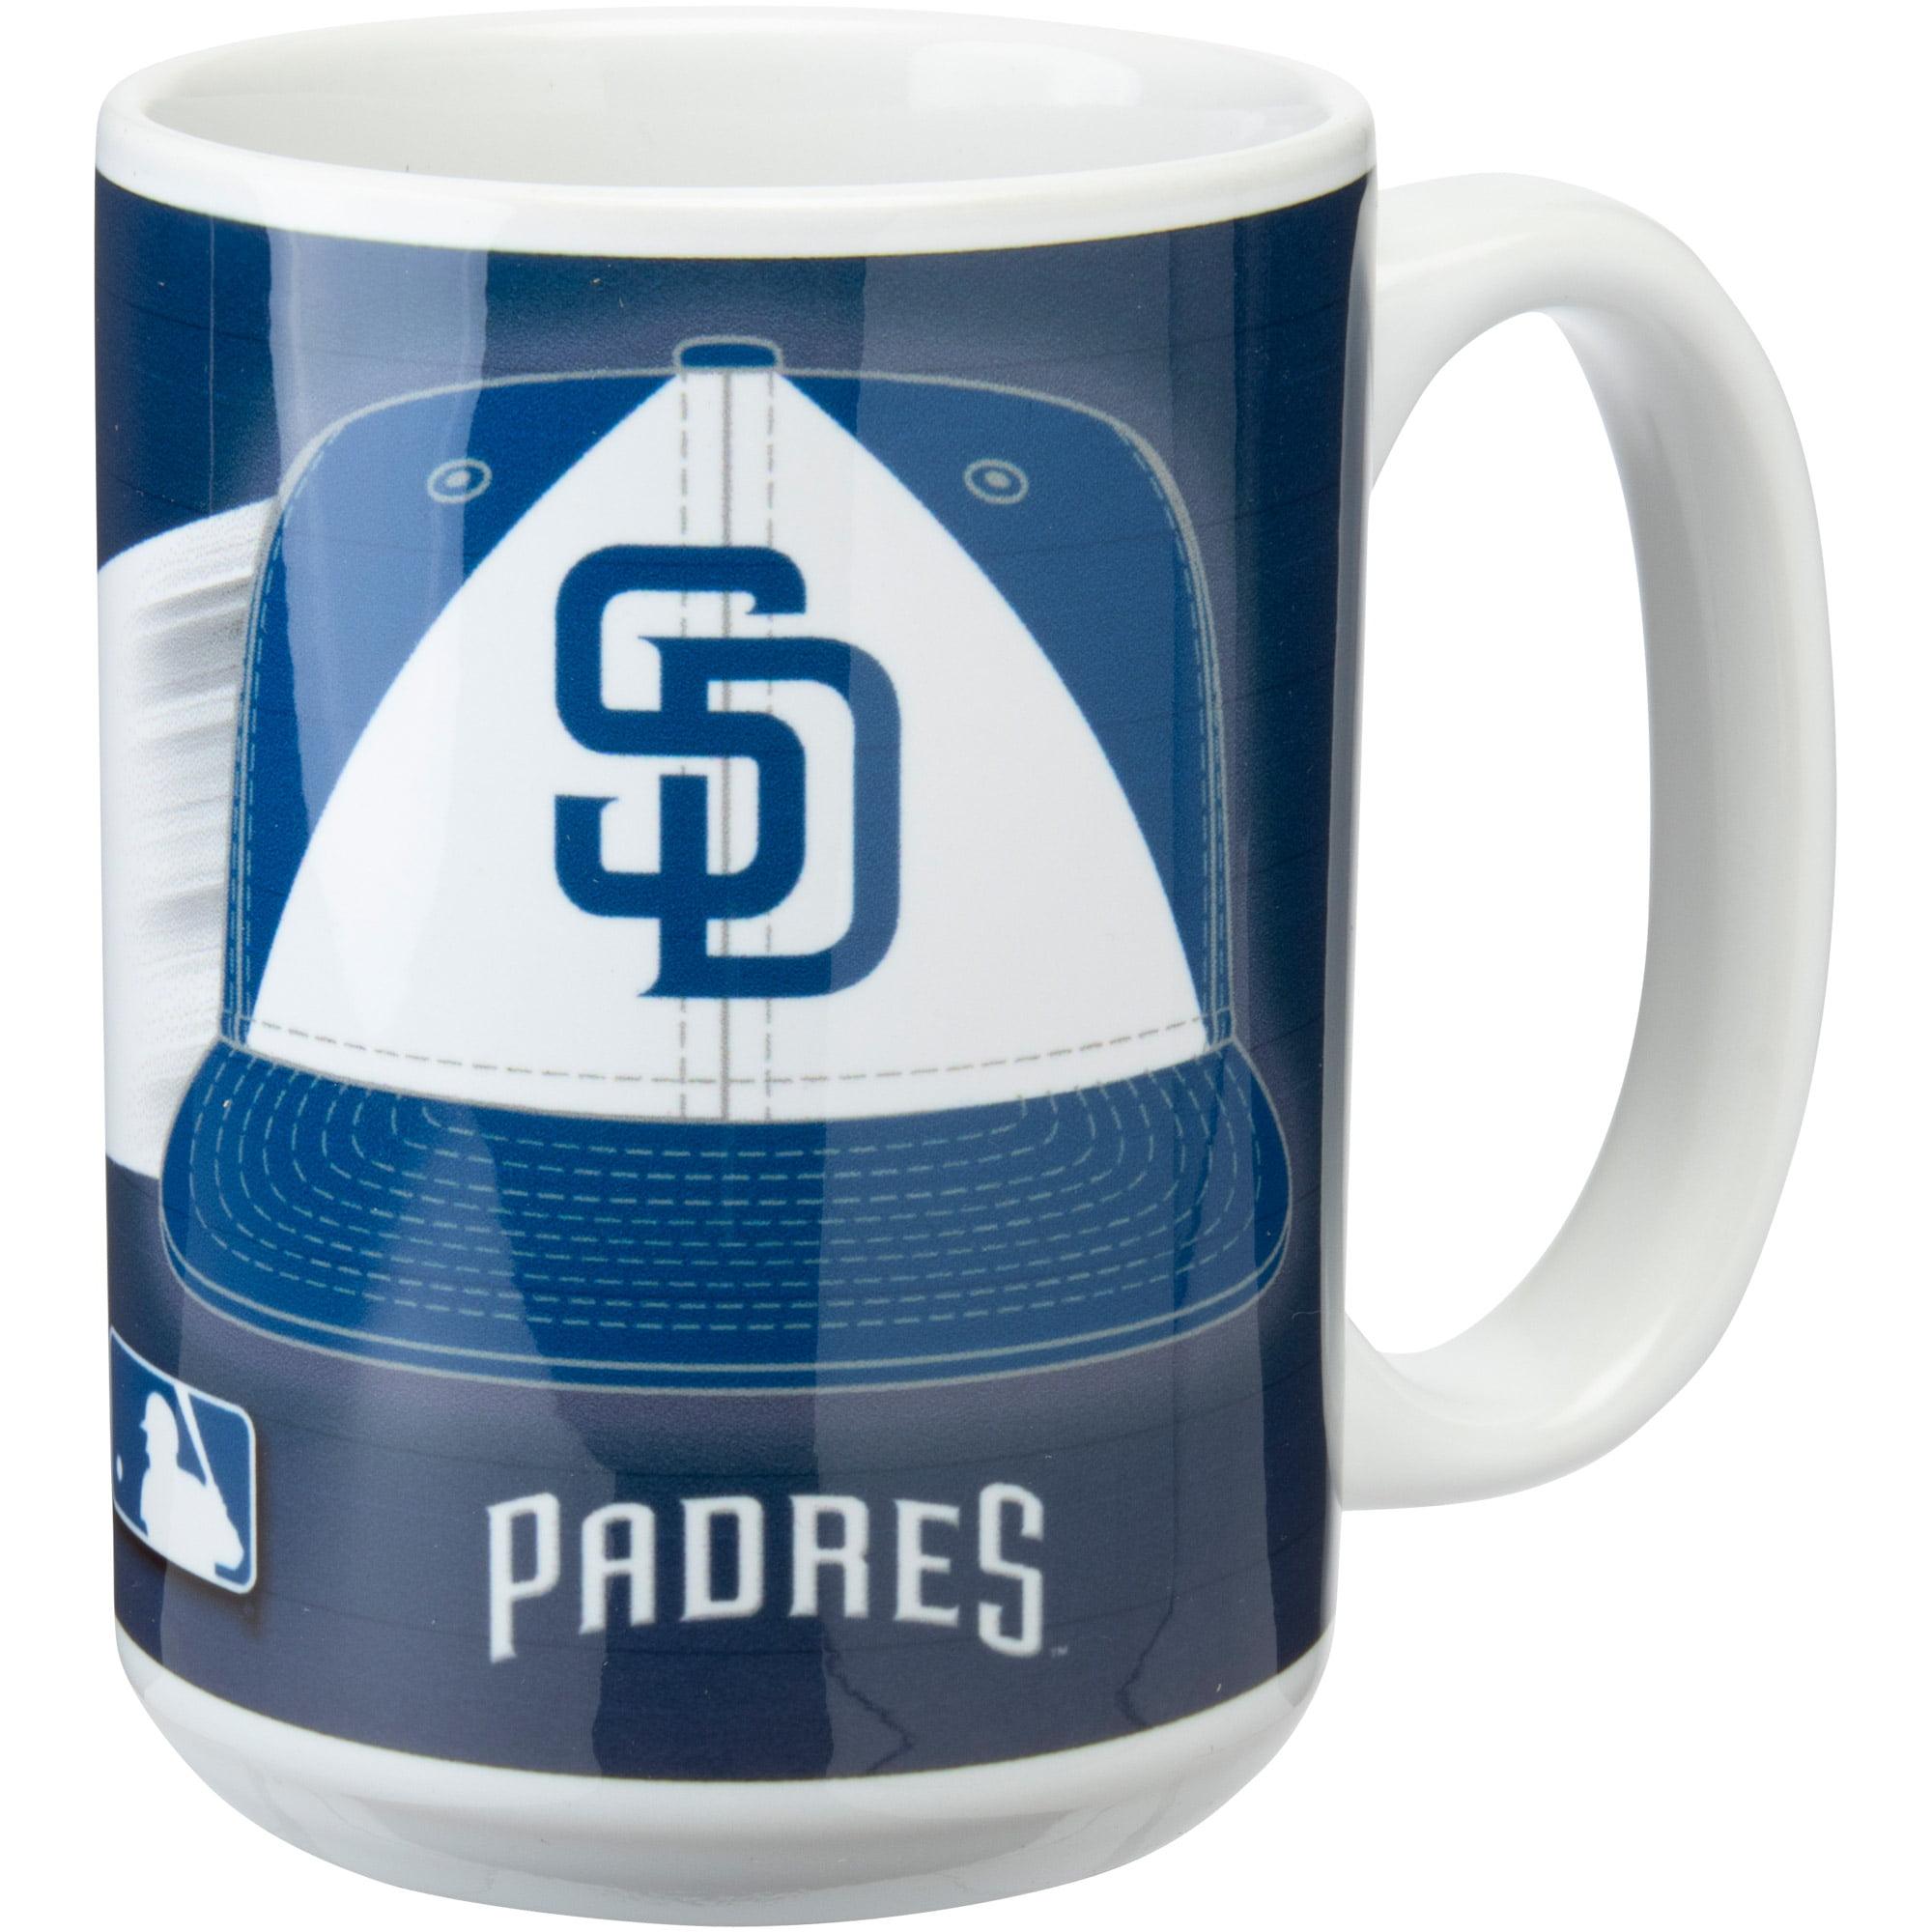 San Diego Padres 15oz. Team 3D Graphic Mug - No Size